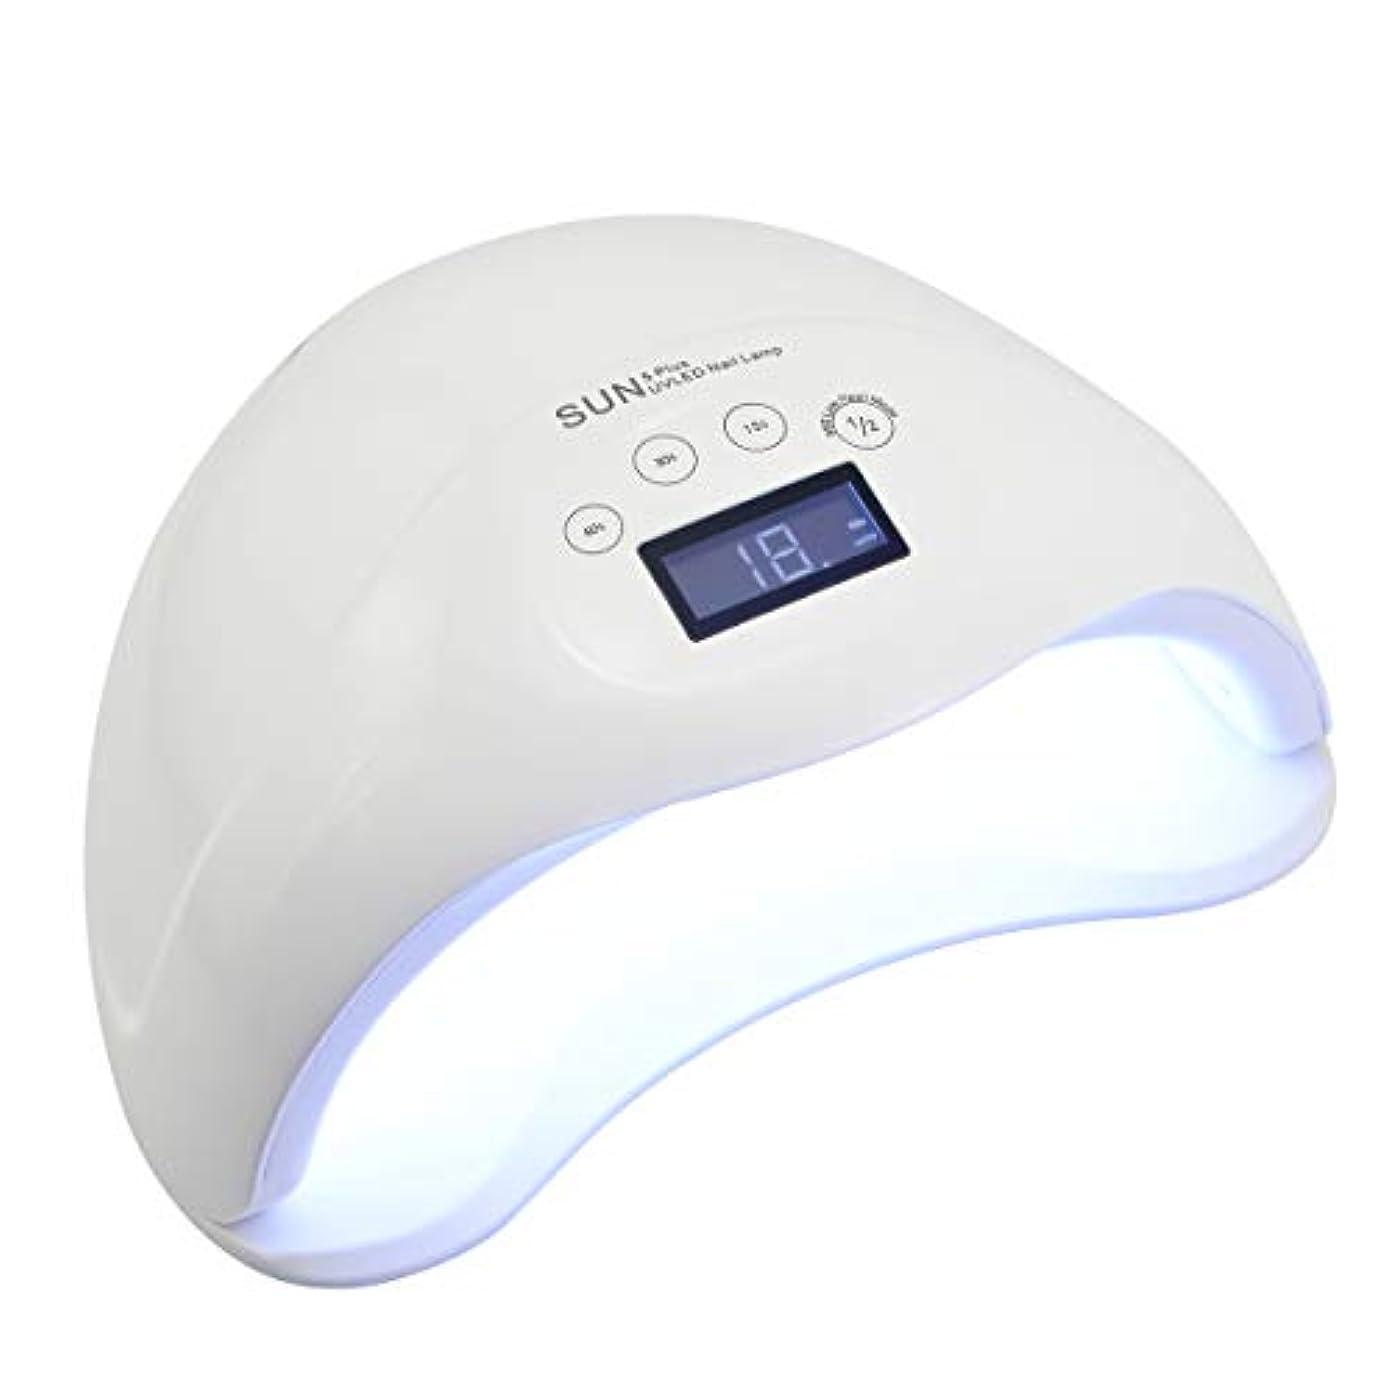 静めるマラドロイト成功したネイルドライヤー kawakawa 硬化ライト 48W UV/LEDライト 高速硬化 自動センサー マニキュア ジェルネイル用 4段階タイマー 赤外線検知(ホワイト) 日本語取扱説明書付き